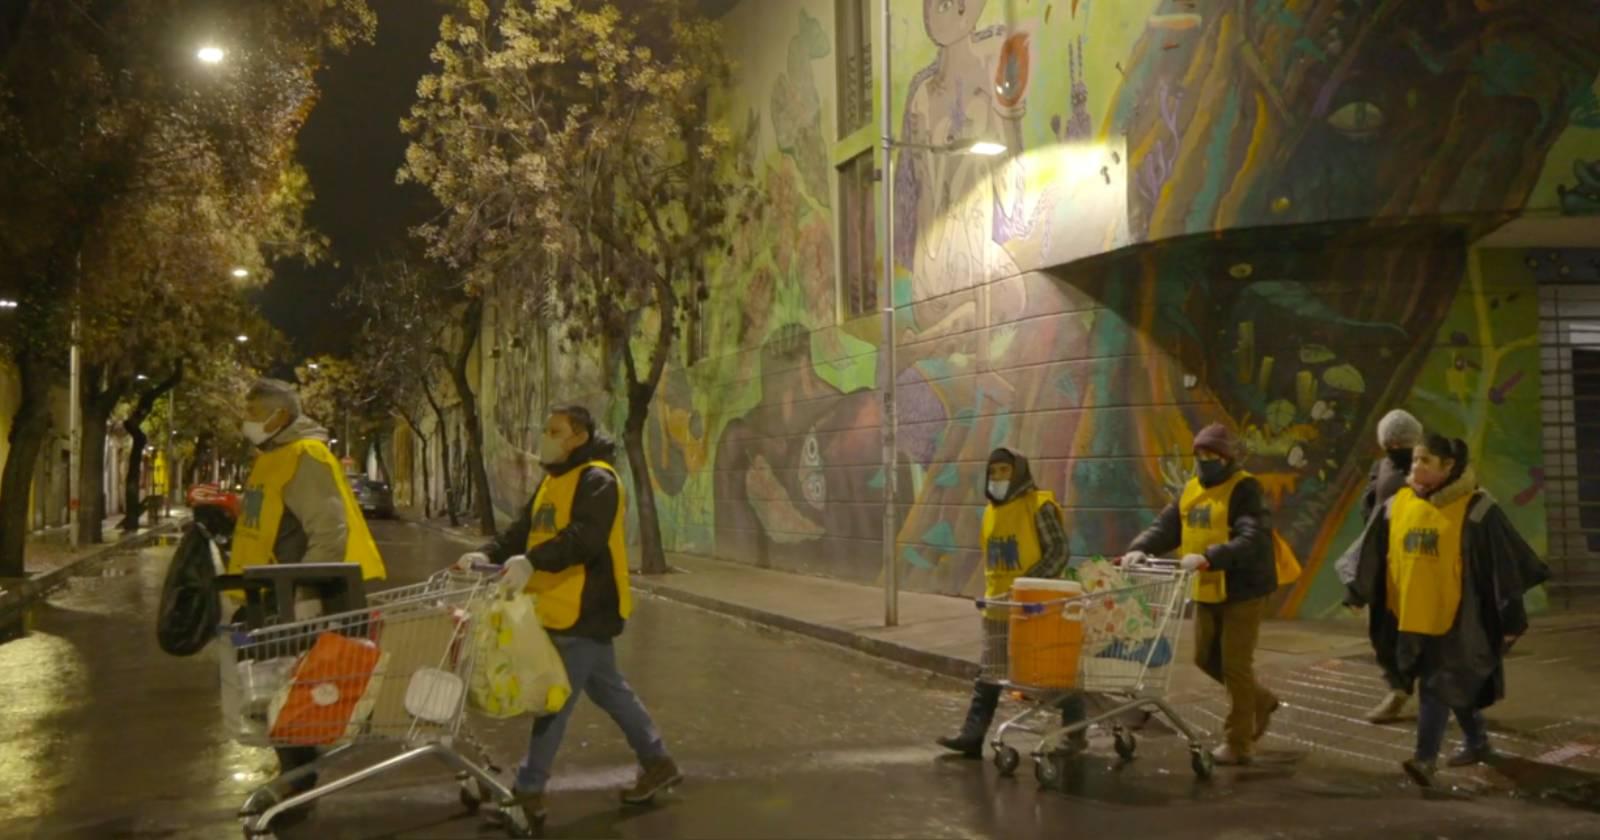 """VIDEO – Iniciativa """"Juntos en la Calle"""" entrega elementos de protección esenciales, alimento y abrigo a personas sin hogar"""